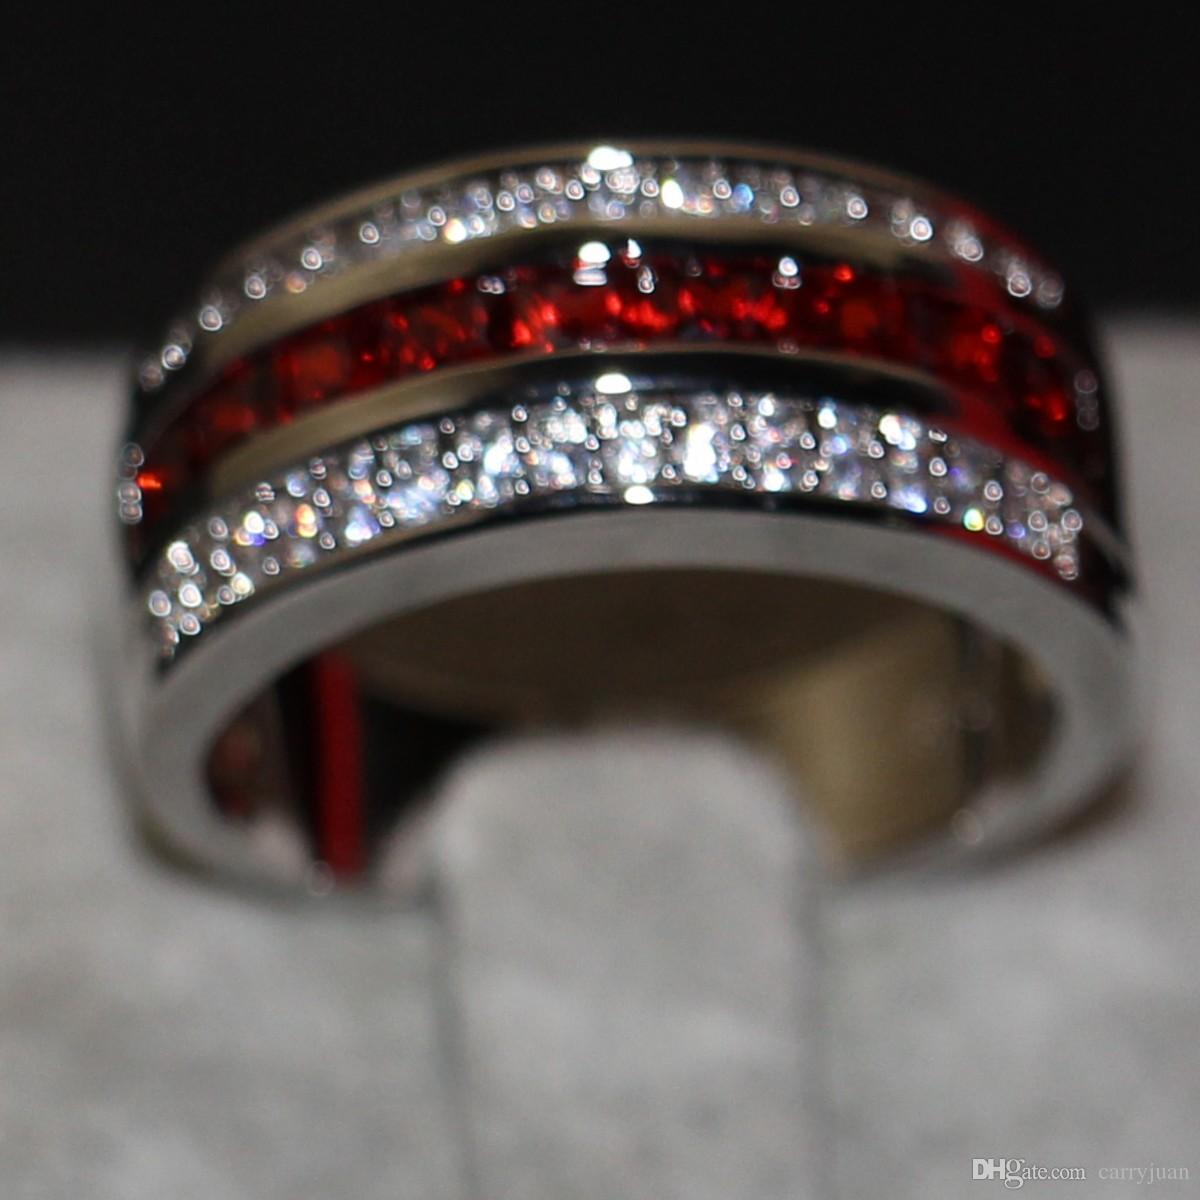 Erkek Moda Takı 10KT Beyaz Altın Dolgulu Prenses Kesim Kırmızı Garnet CZ Elmas Taşlar Erkekler Düğün Nişan Band Yüzük için Severler 'Hediye